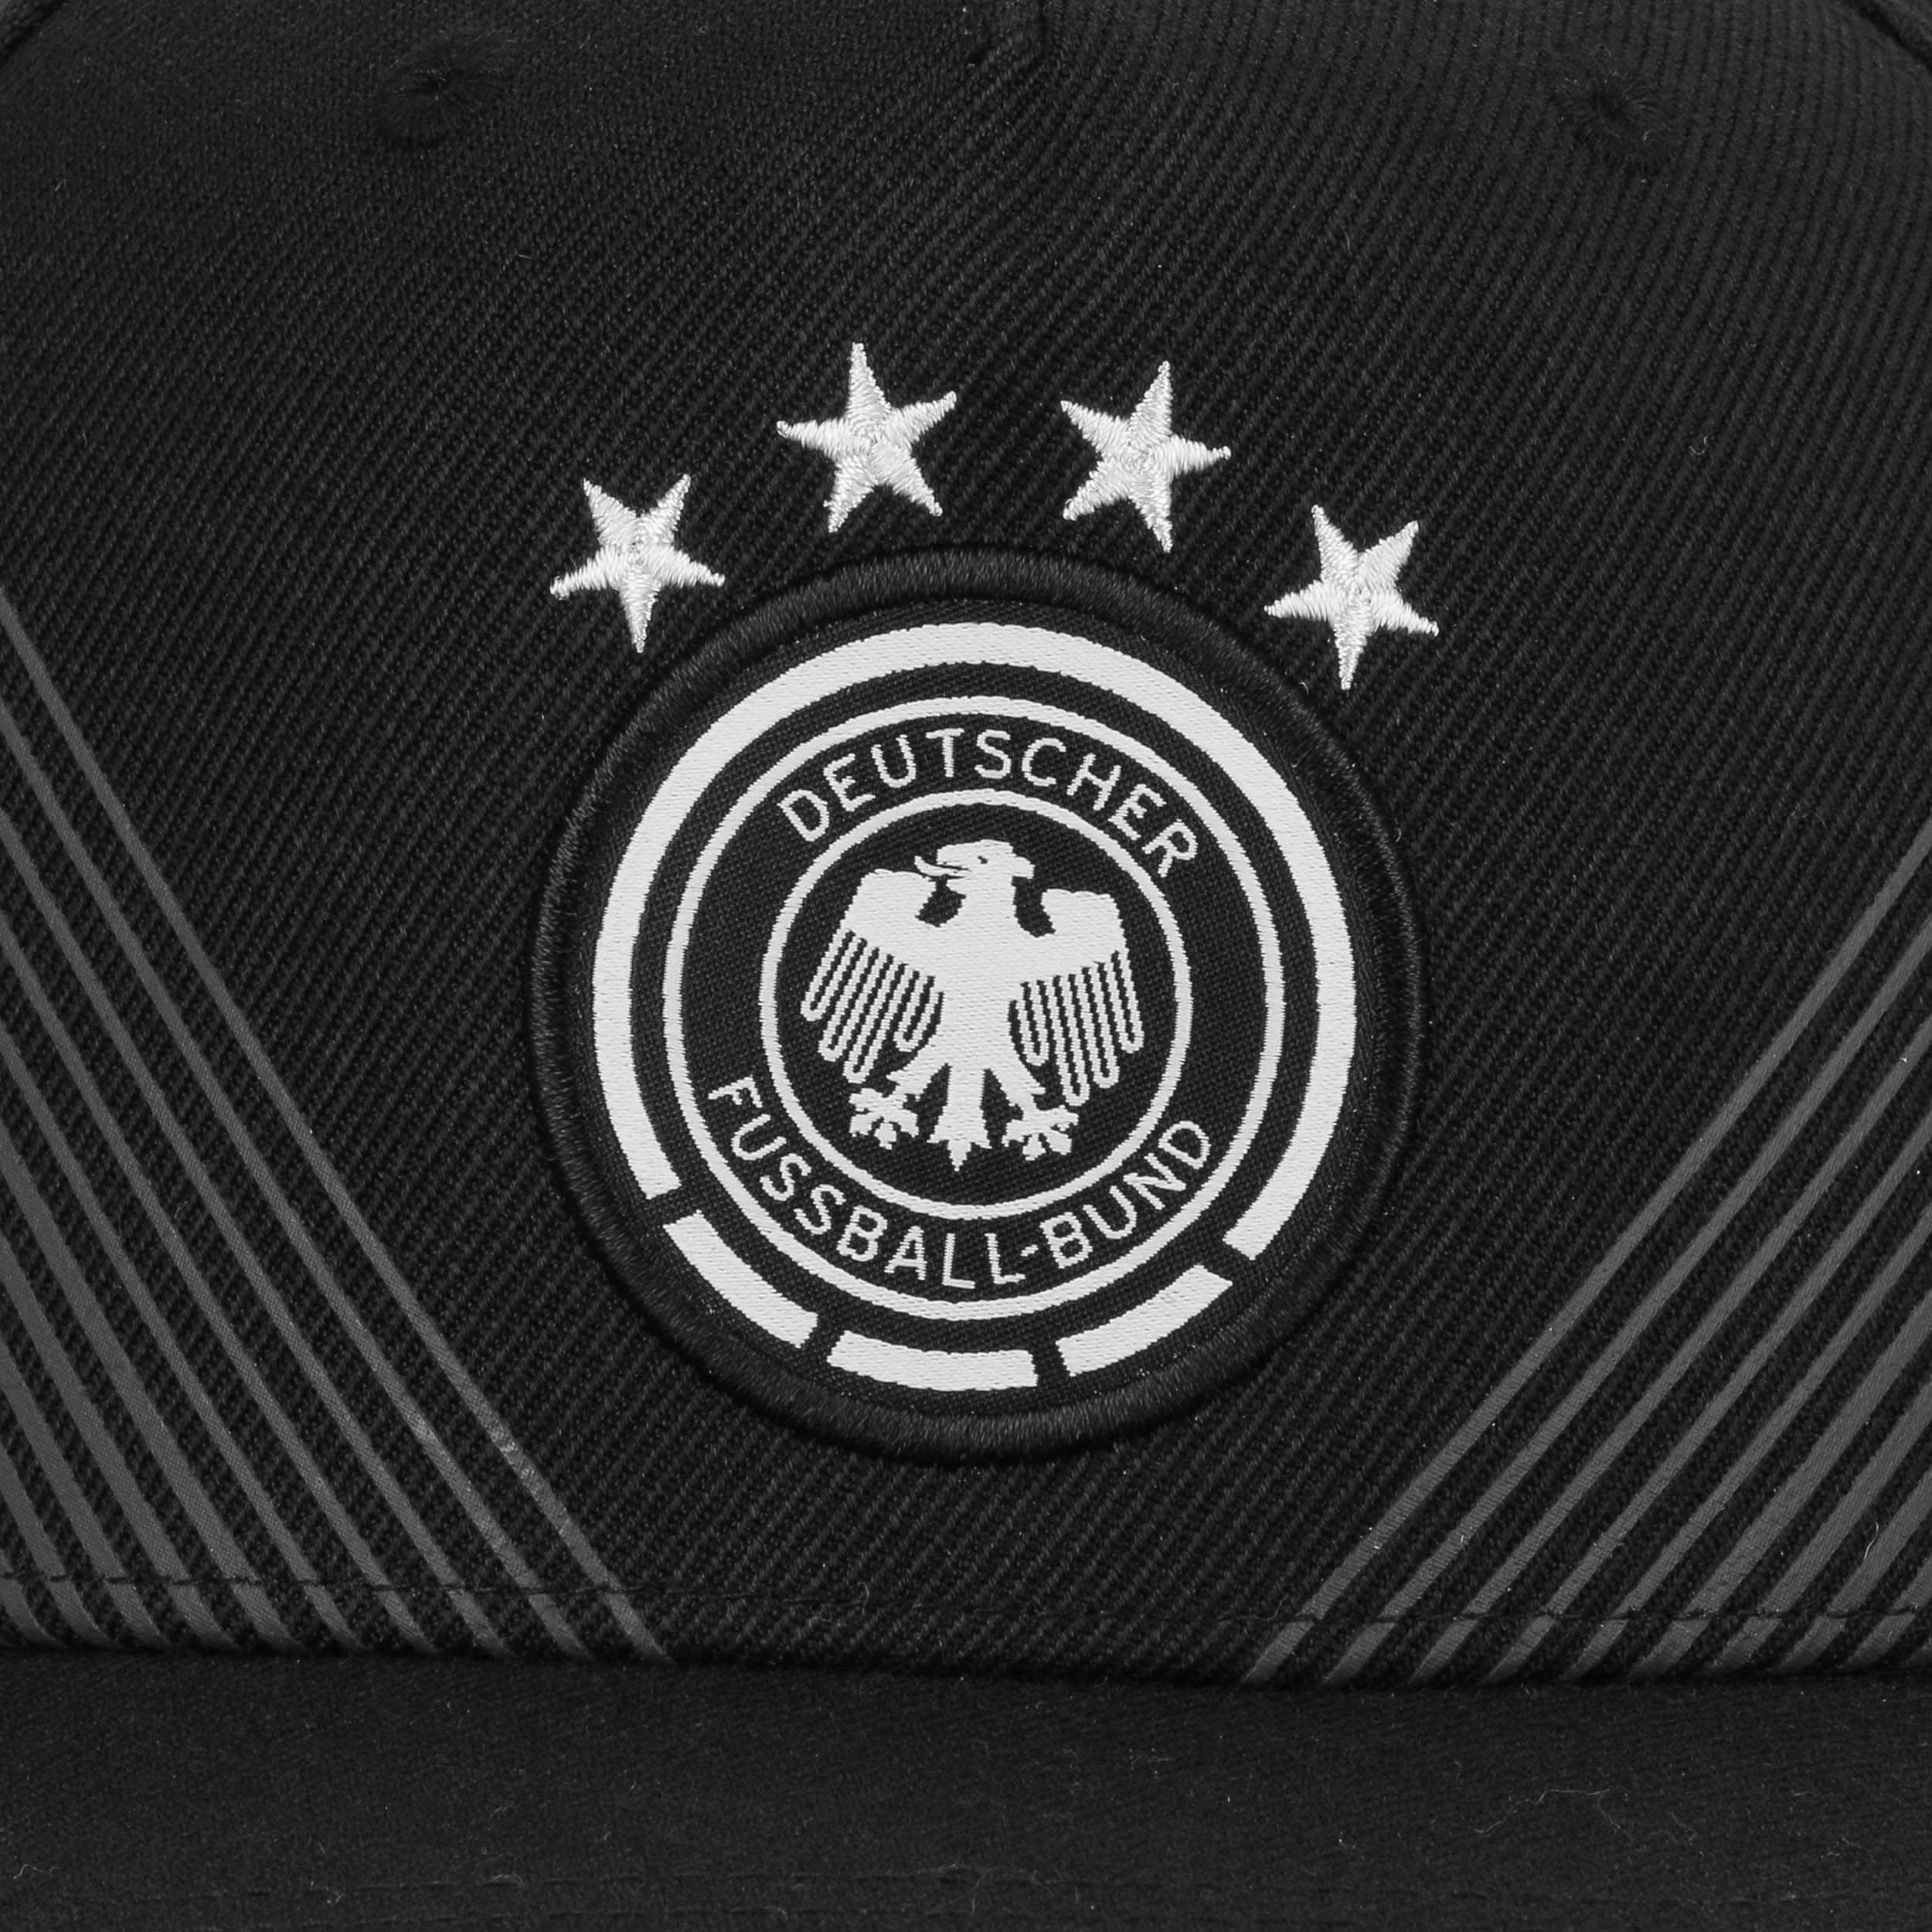 0de639394e8 ... DFB Home Snapback Cap by adidas - black 4 ...